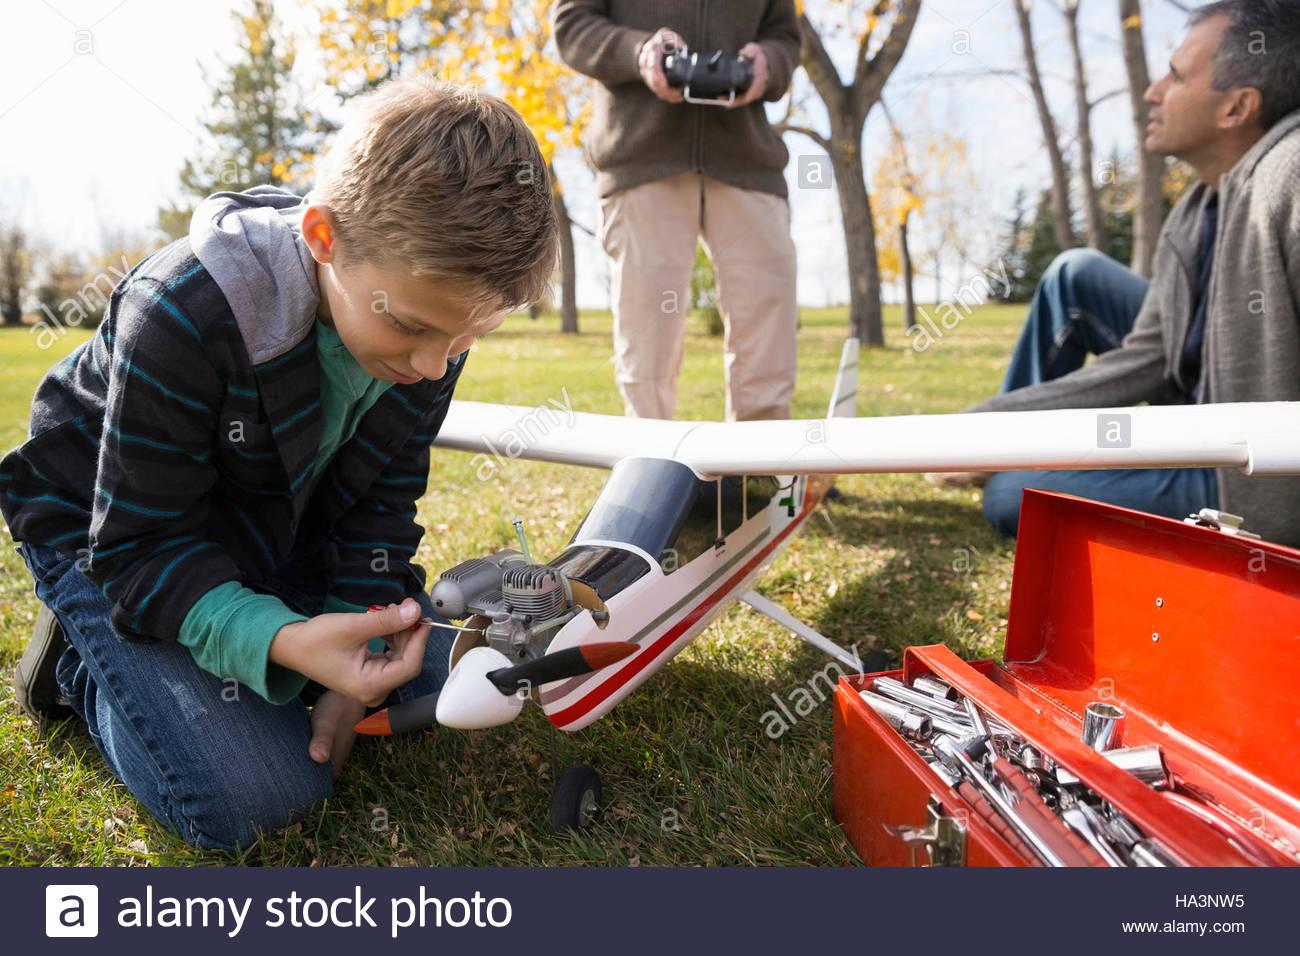 Fijación Boy modelo de avión con padre y abuelo en el parque Imagen De Stock